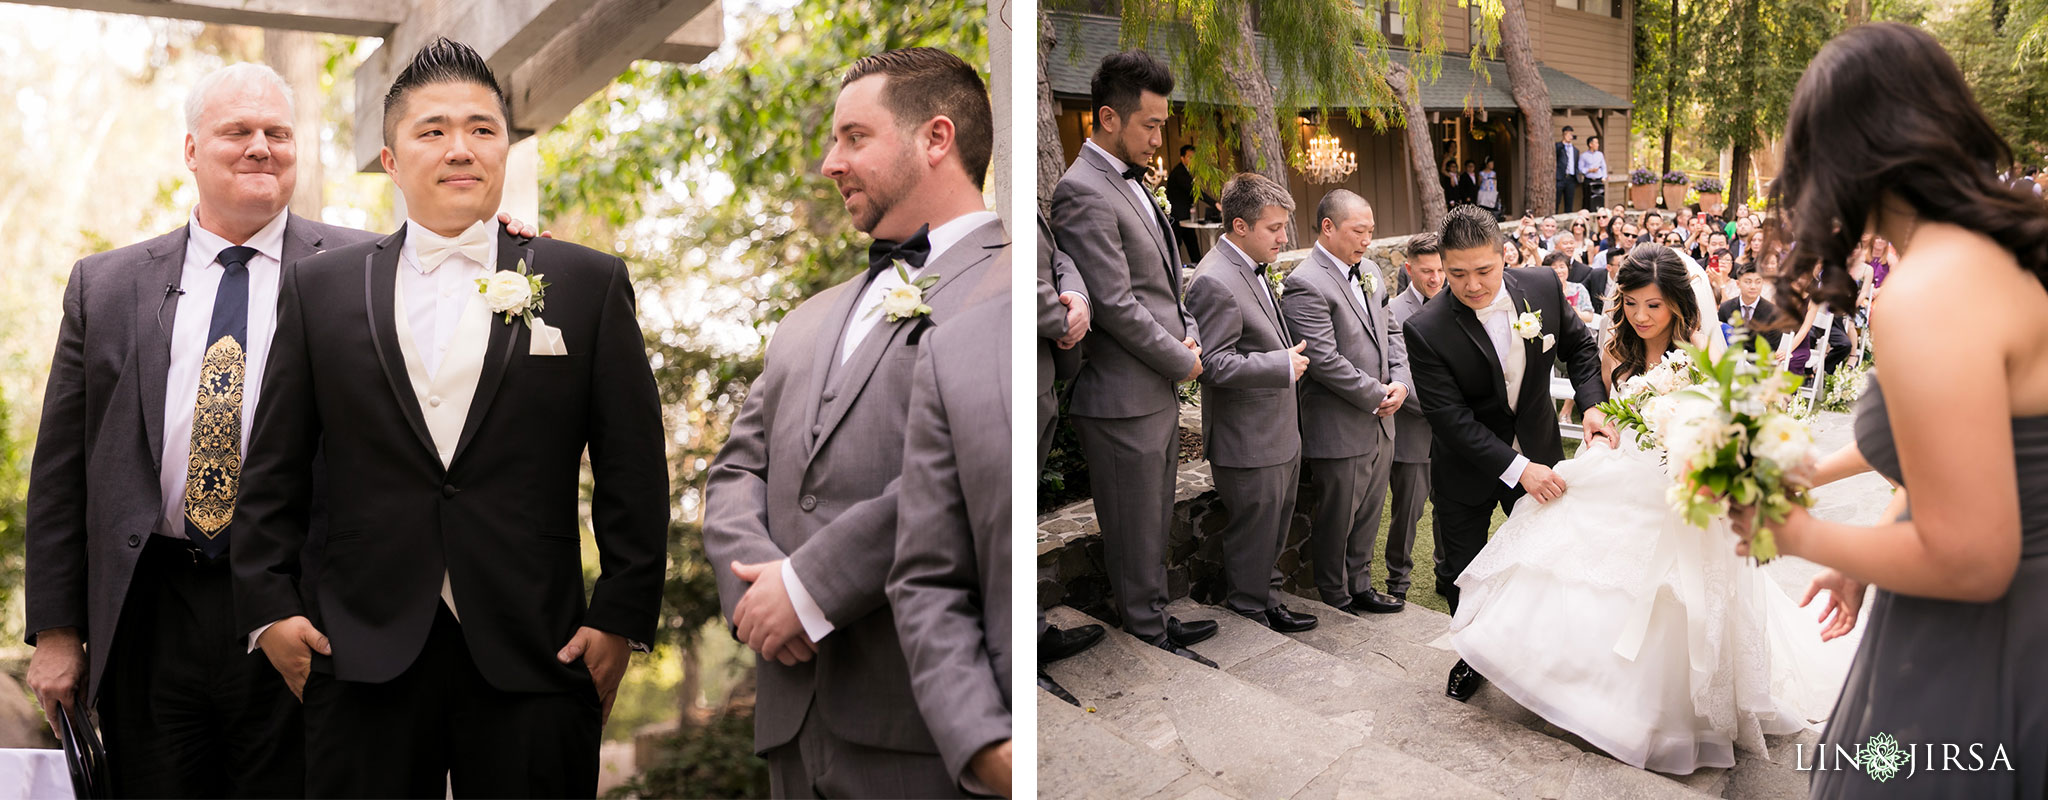 18 calamigos ranch malibu wedding ceremony photography